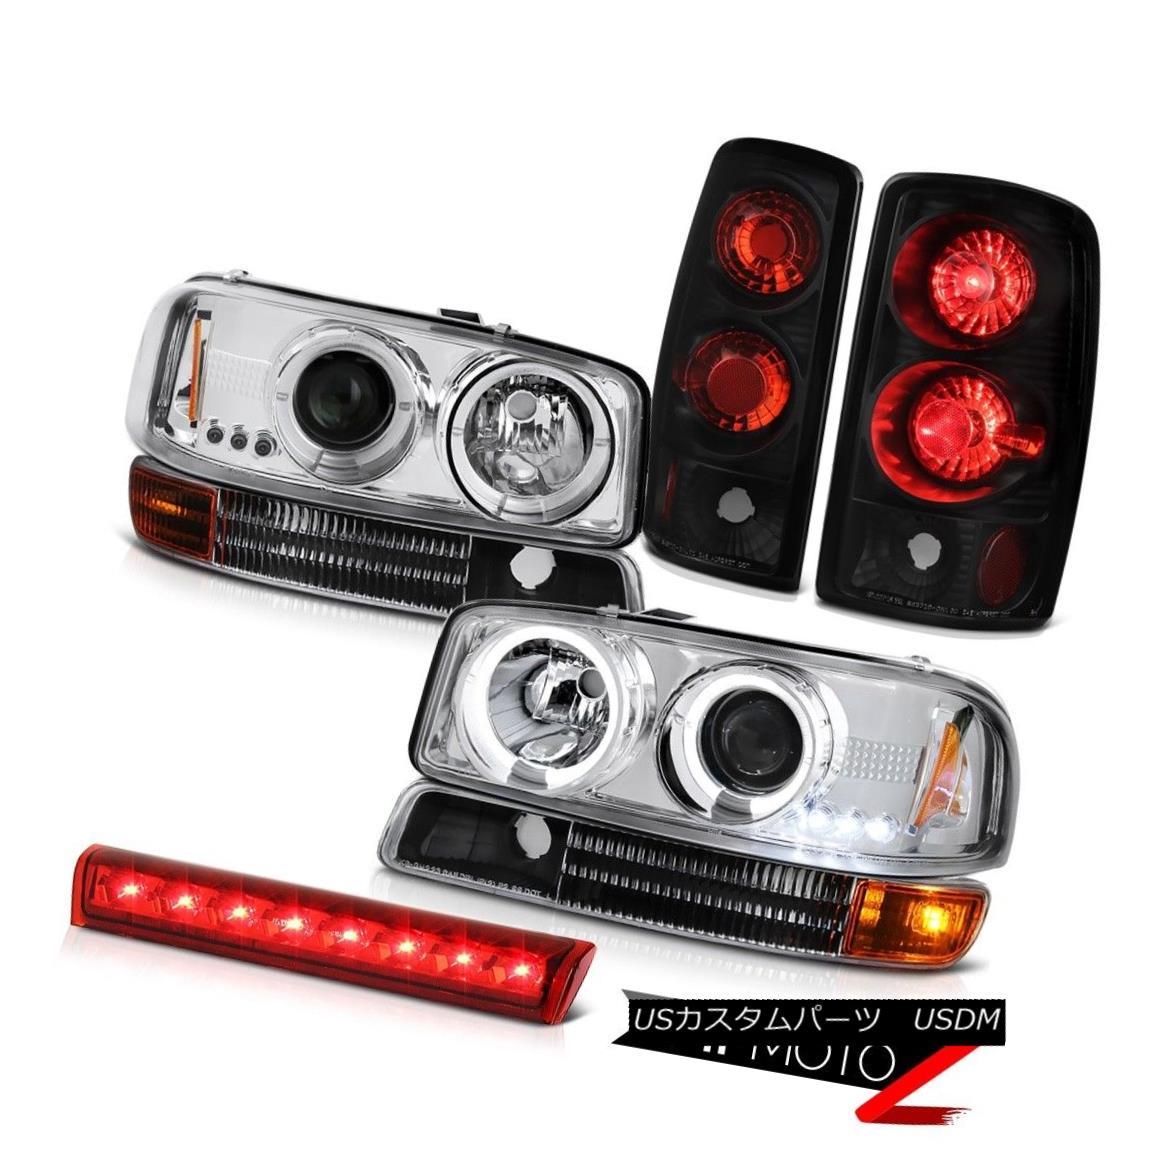 ヘッドライト 2000-2006 Yukon Halo LED Projector Headlights Signal Black Brake Lamp High Cargo 2000-2006 Yukon Halo LEDプロジェクターヘッドライト信号ブラックブレーキランプハイカーゴ